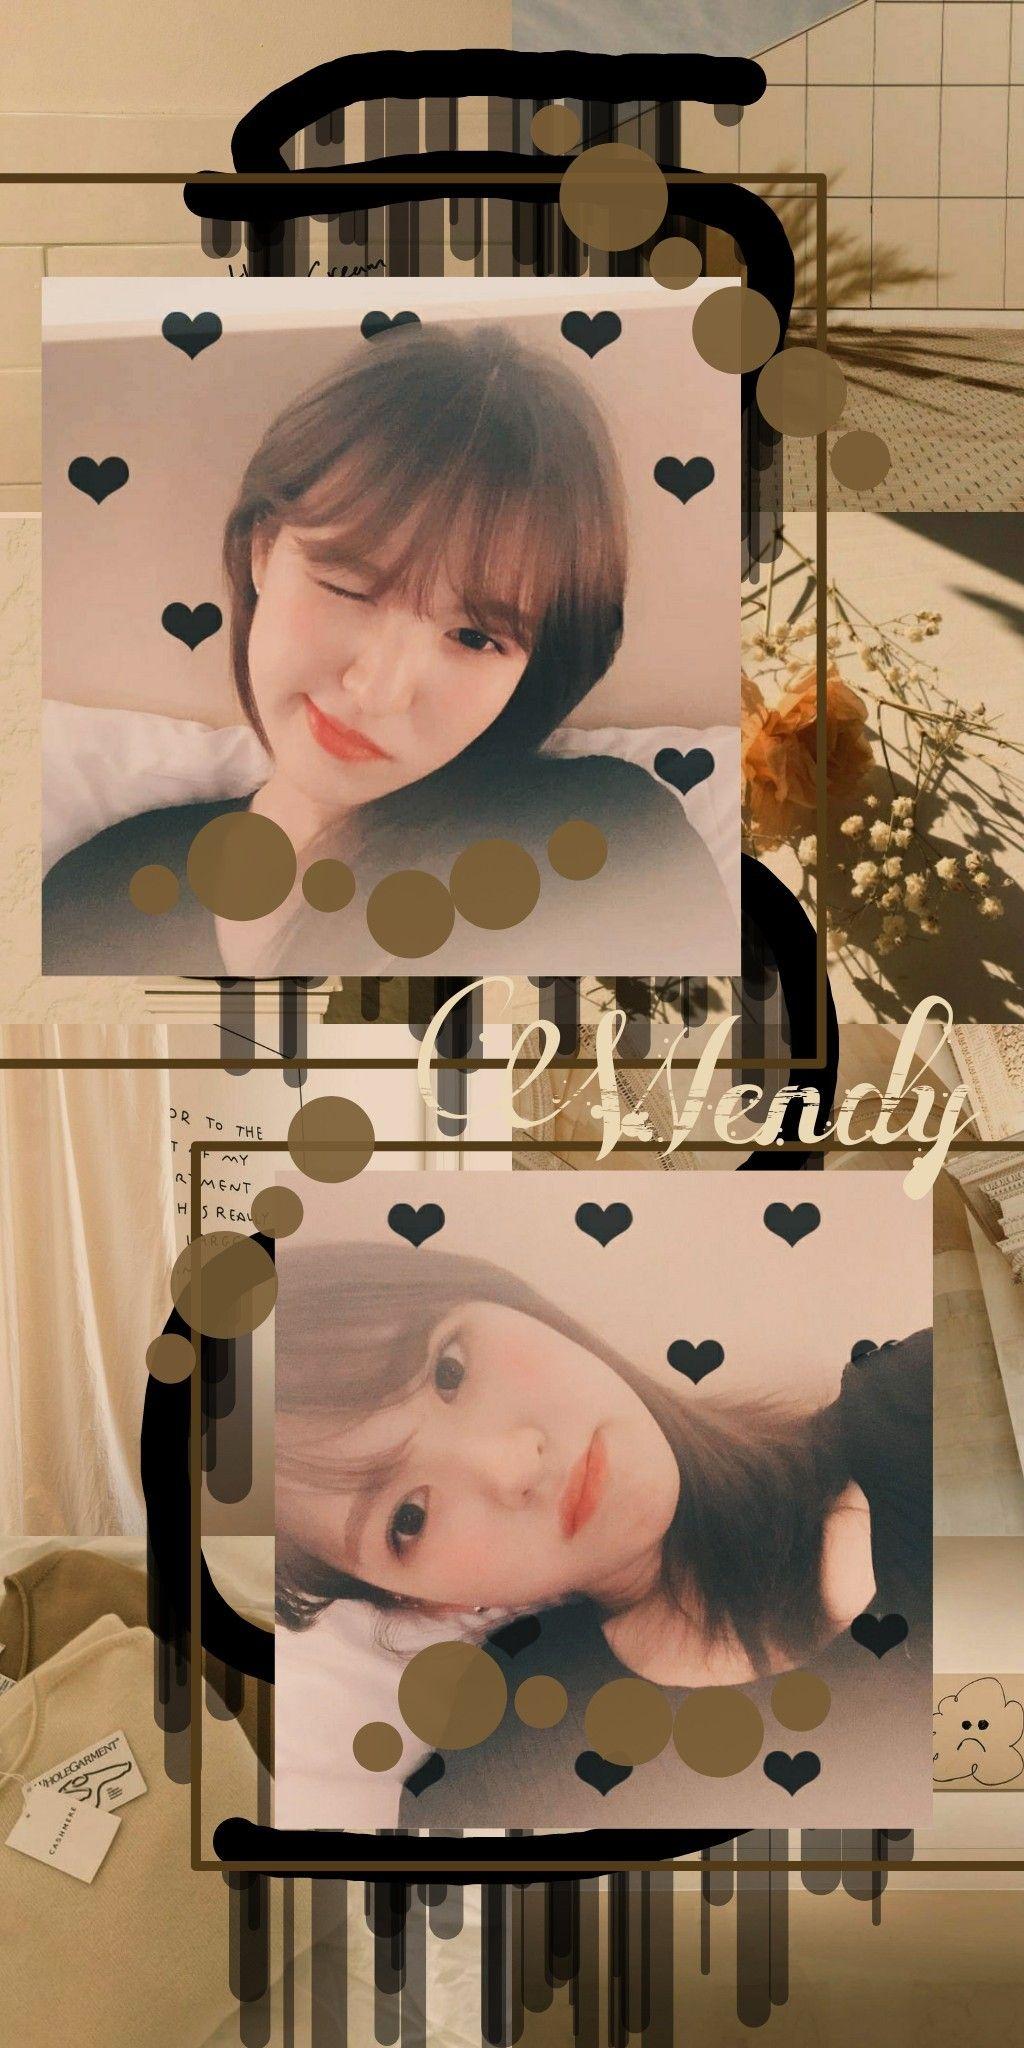 Rin Dm Wendy Wallpaper Aesthetic Redvelvet Aesthetic Wendy Selebritas